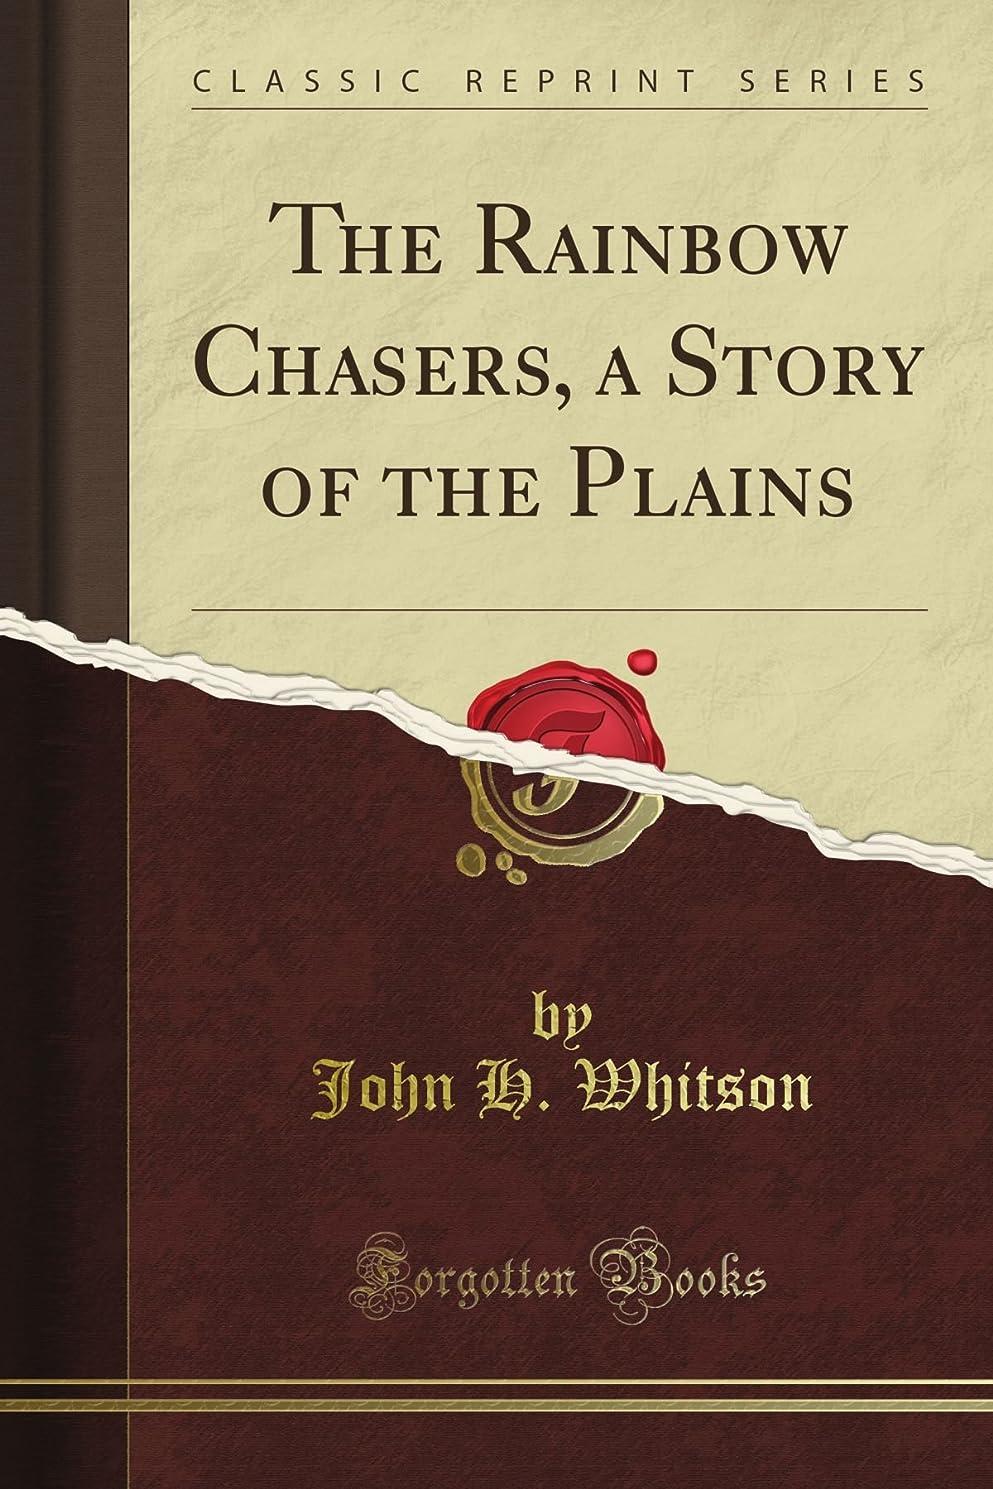 光沢サーバント杖The Rainbow Chasers, a Story of the Plains (Classic Reprint)